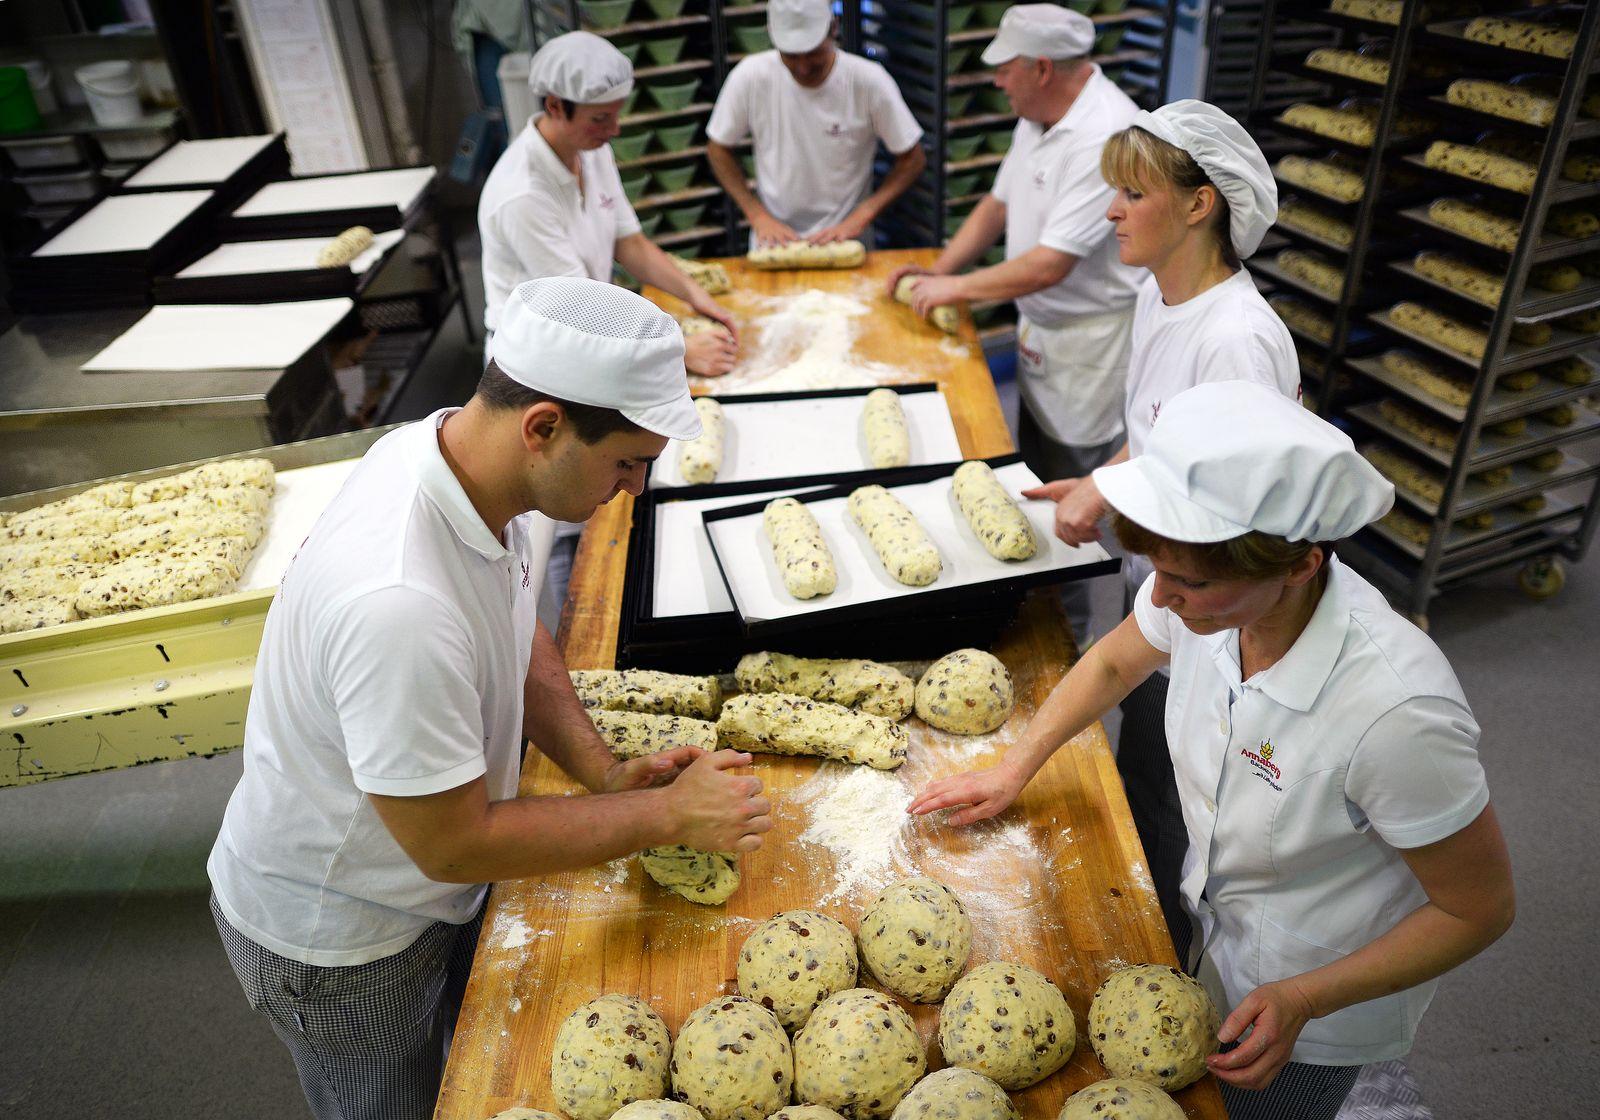 Mini-Job / Teilzeit-Arbeit / Mindestlohn / Gering-Verdiener / Minijobber / Bäckerei